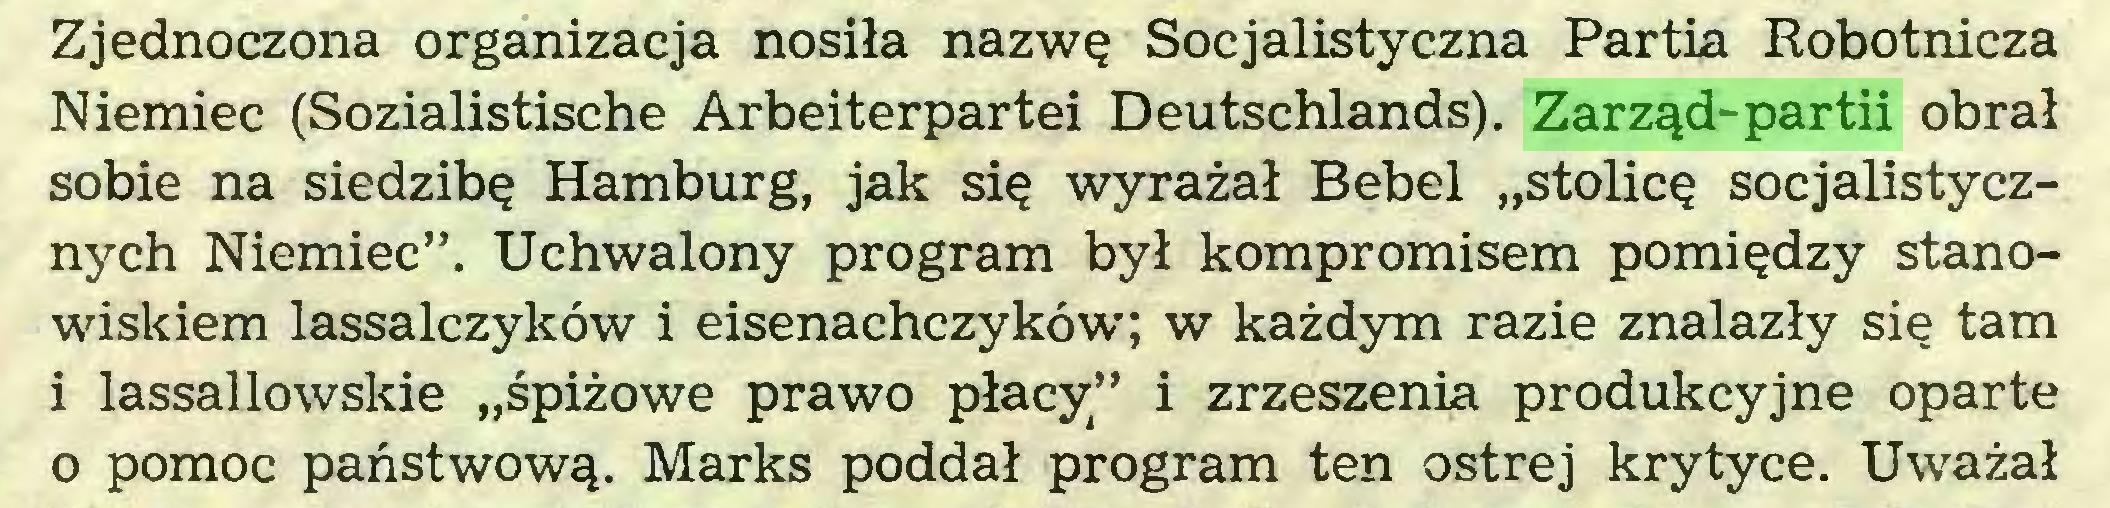 """(...) Zjednoczona organizacja nosiła nazwę Socjalistyczna Partia Robotnicza Niemiec (Sozialistische Arbeiterpartei Deutschlands). Zarząd-partii obrał sobie na siedzibę Hamburg, jak się wyrażał Bebel """"stolicę socjalistycznych Niemiec"""". Uchwalony program był kompromisem pomiędzy stanowiskiem lassalczyków i eisenachczyków; w każdym razie znalazły się tam i lassallowskie """"śpiżowe prawo płacy"""" i zrzeszenia produkcyjne oparte 0 pomoc państwową. Marks poddał program ten ostrej krytyce. Uważał..."""